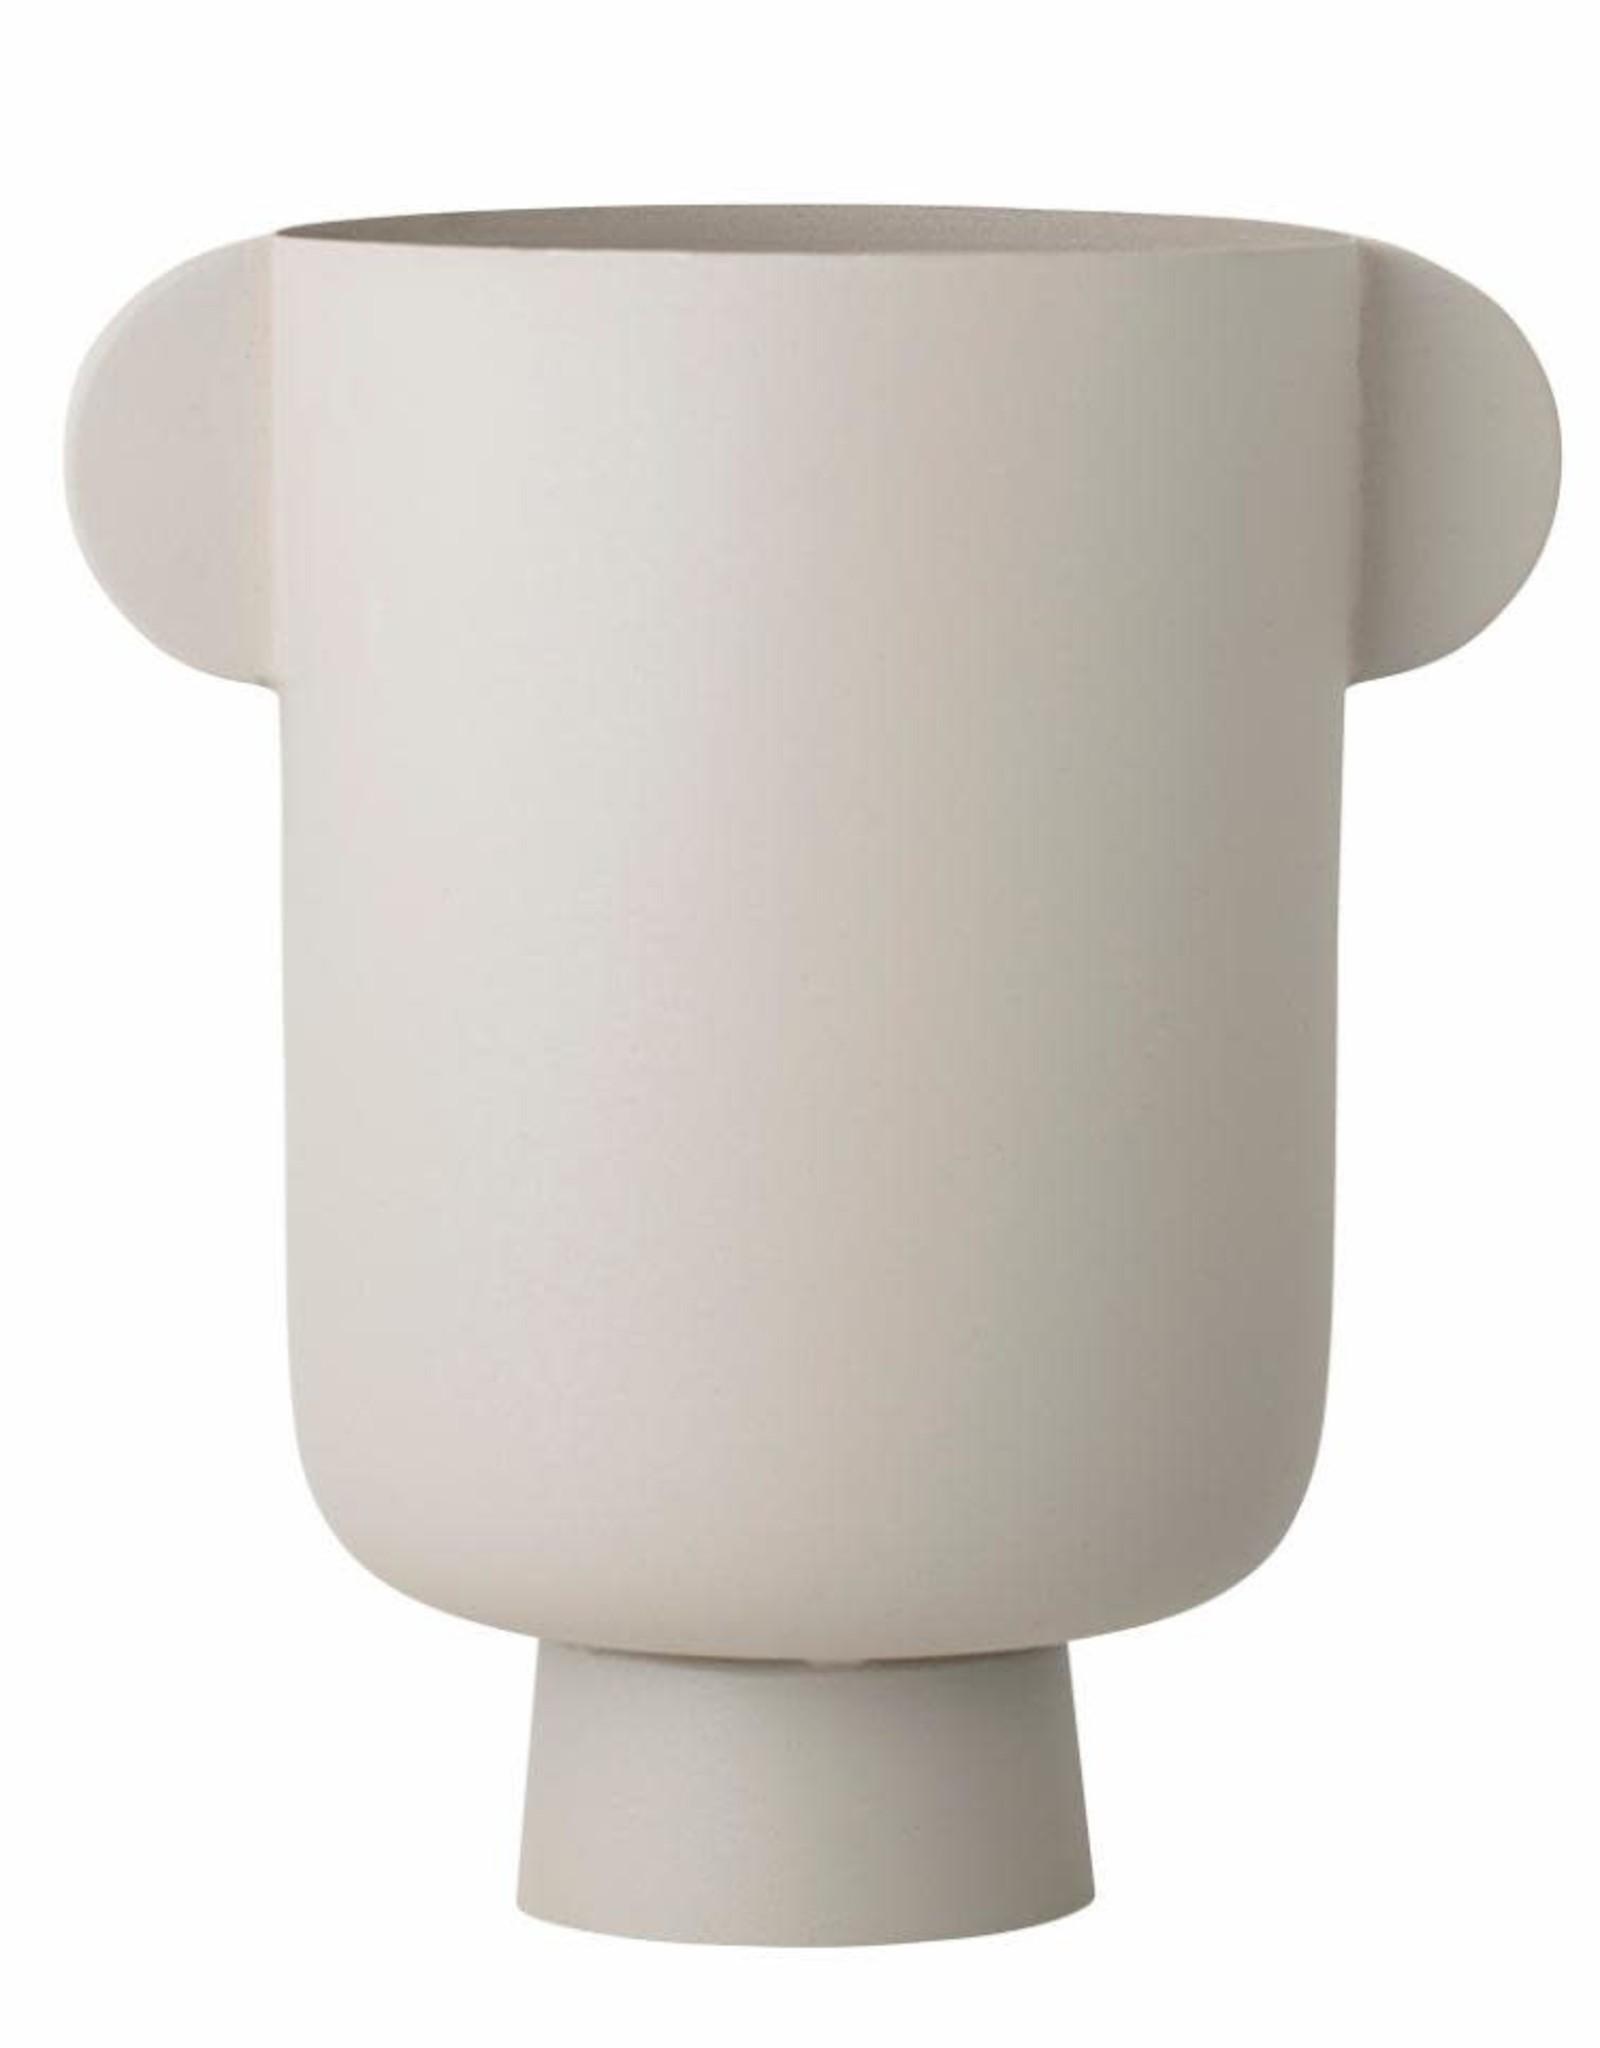 Bloomingville Bloomingville - Irie vase, nature, metal